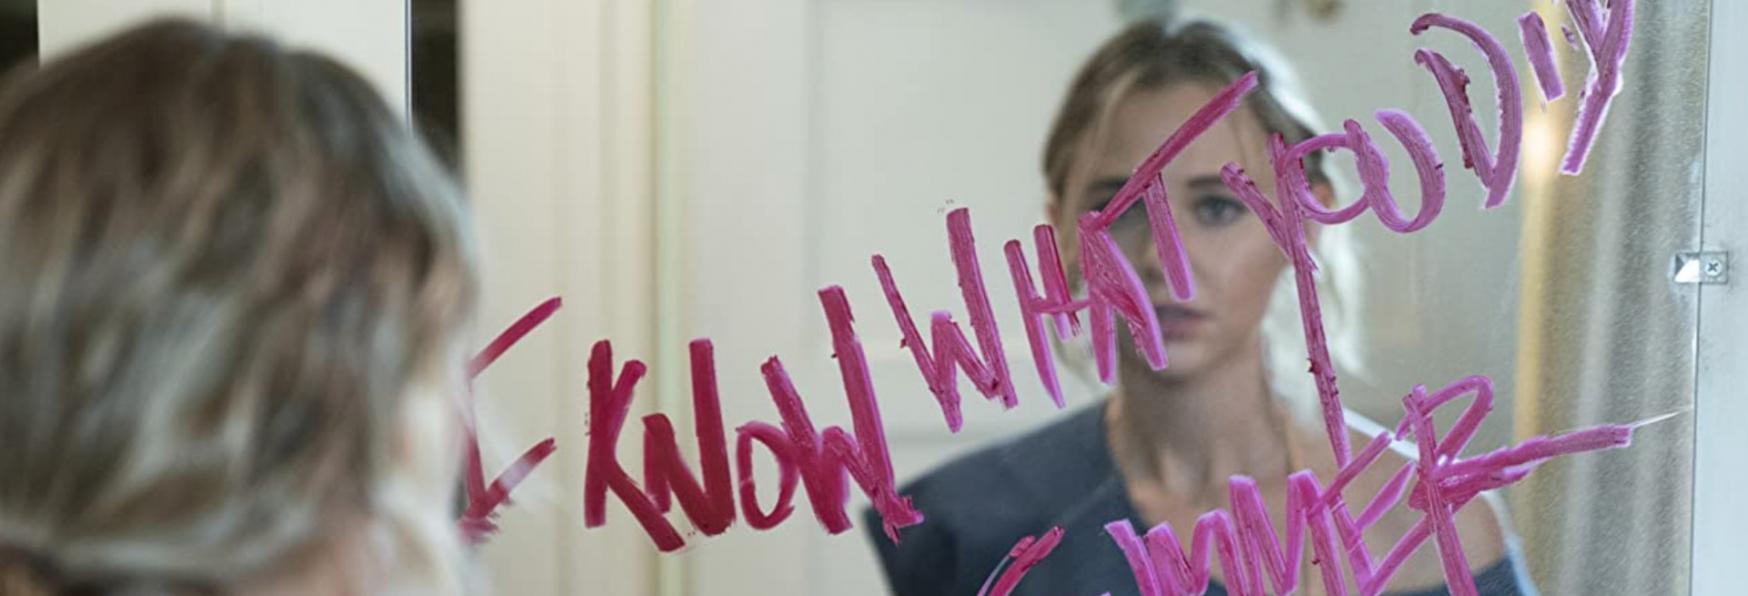 I Know What You Did Last Summer: il Teaser Trailer della Serie TV Reboot dell'omonimo Film anni '90